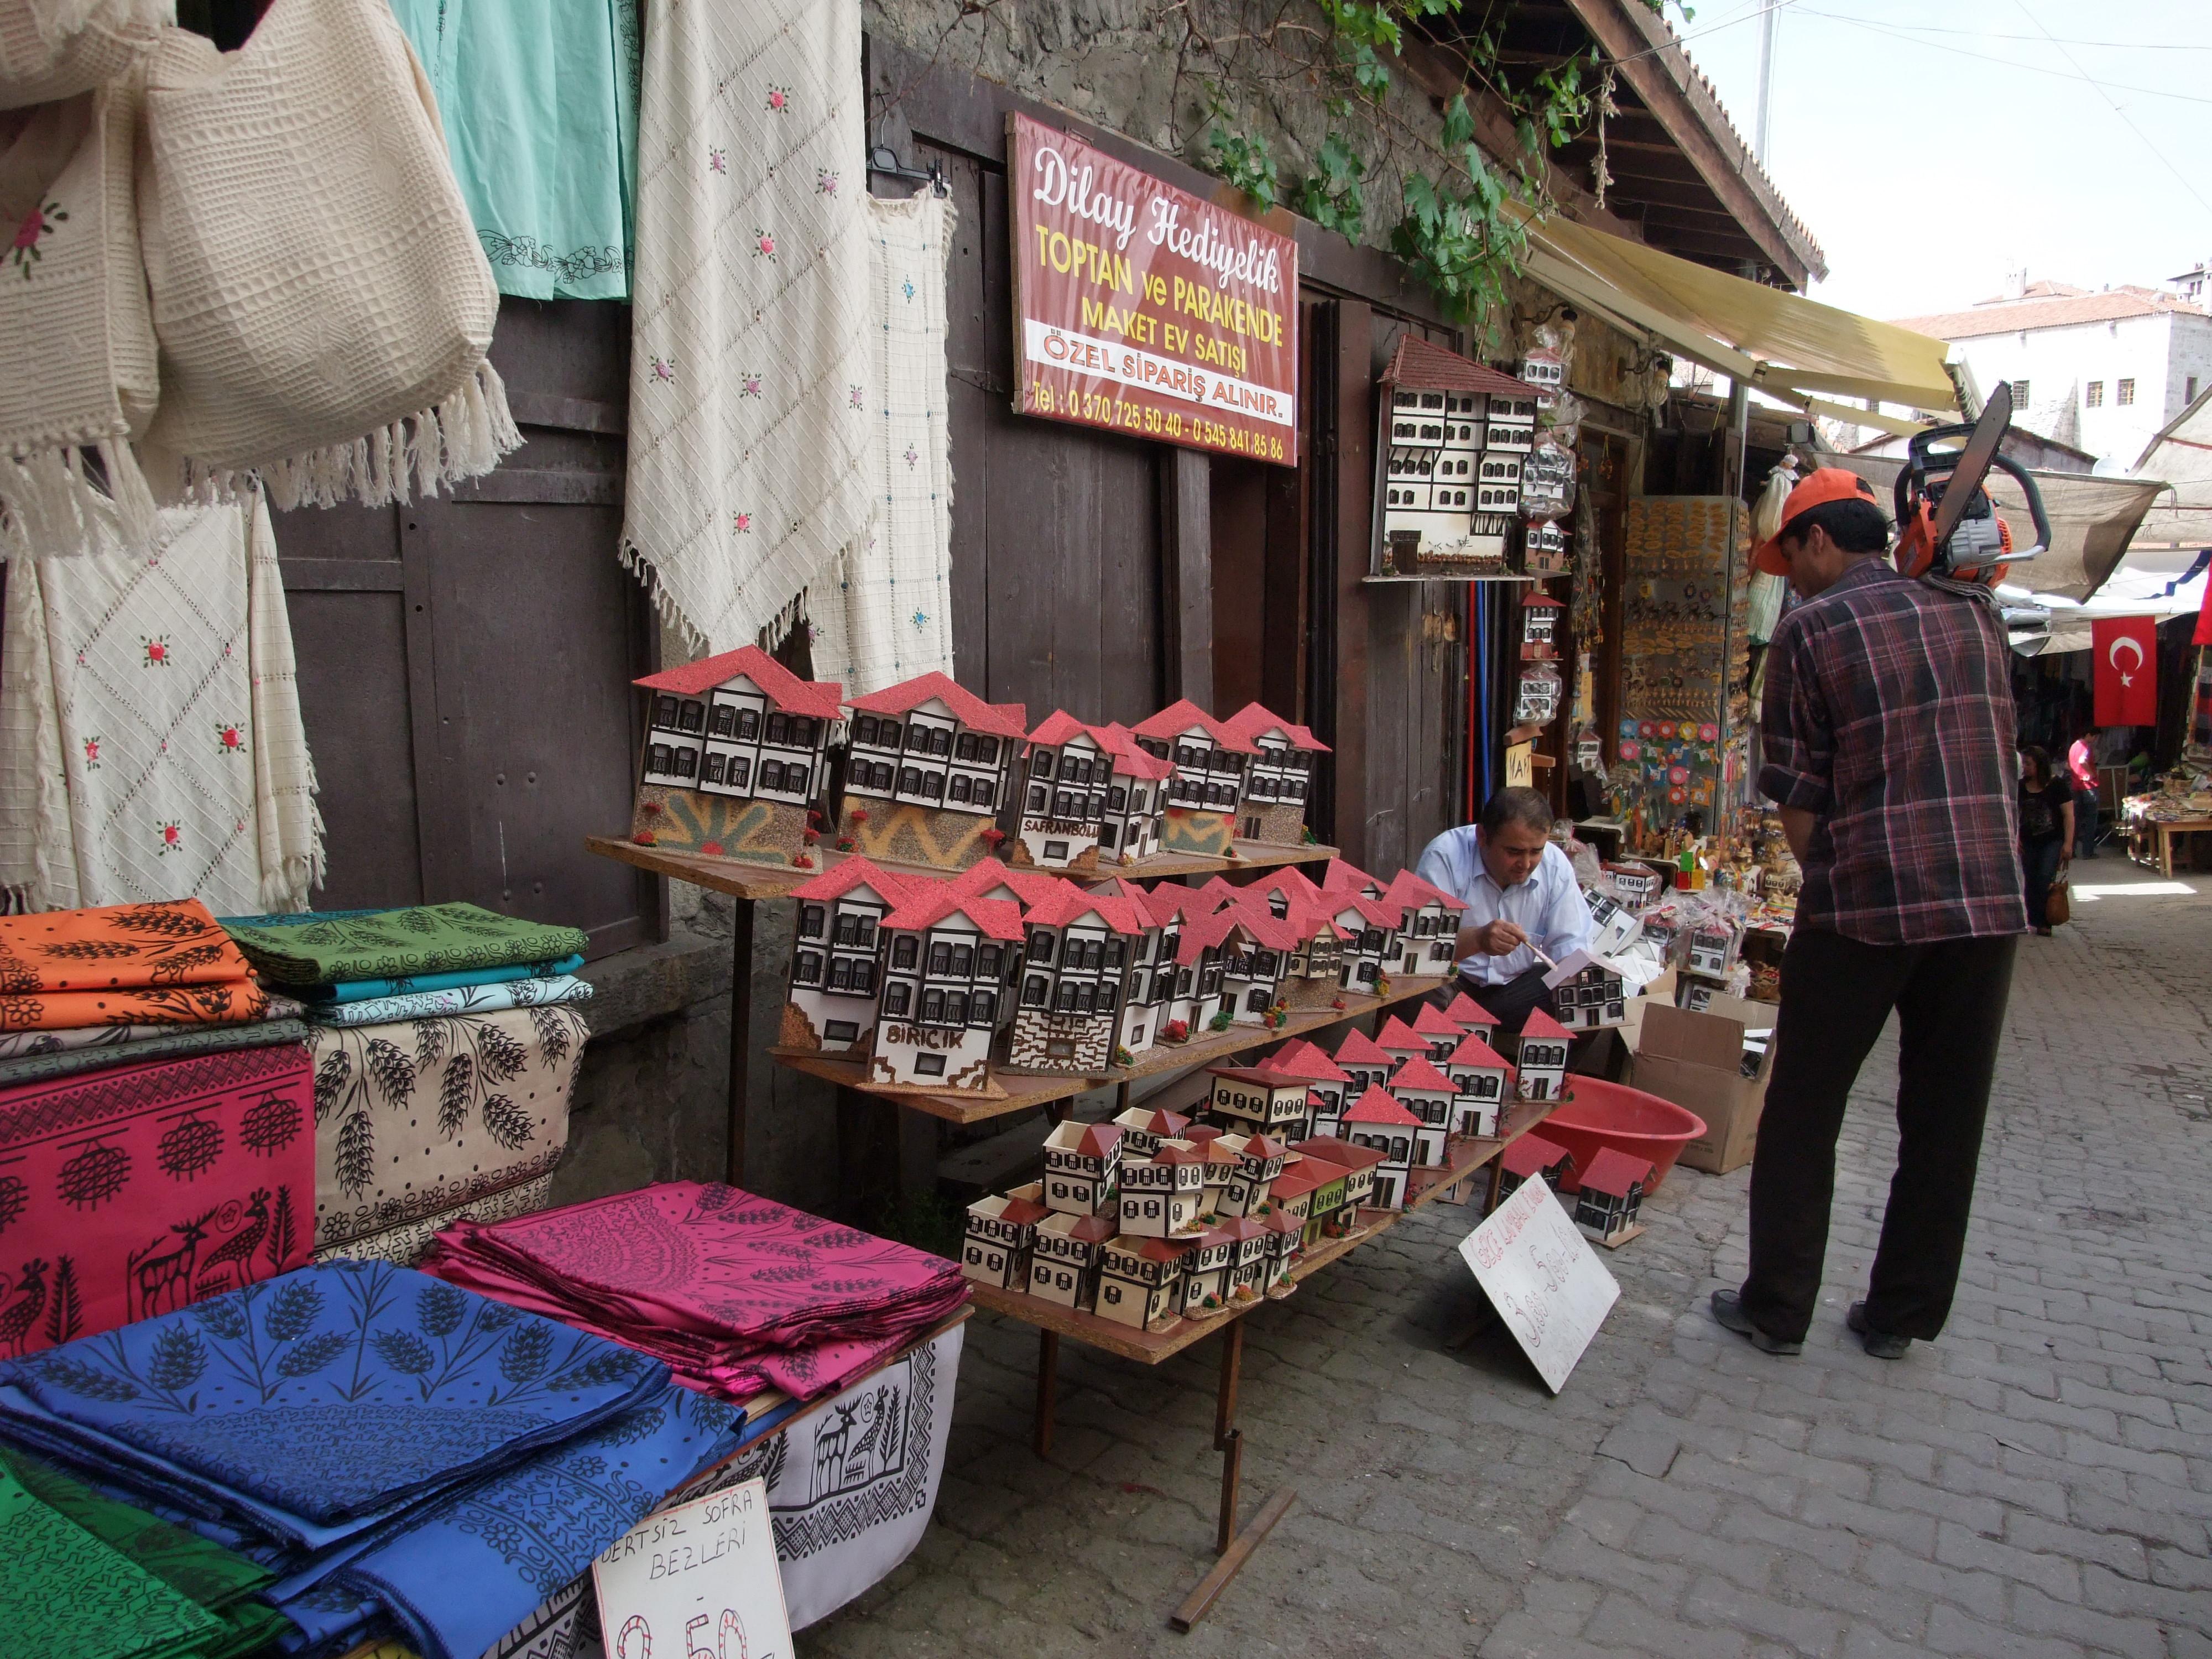 Andenkenladen in der Altstadt